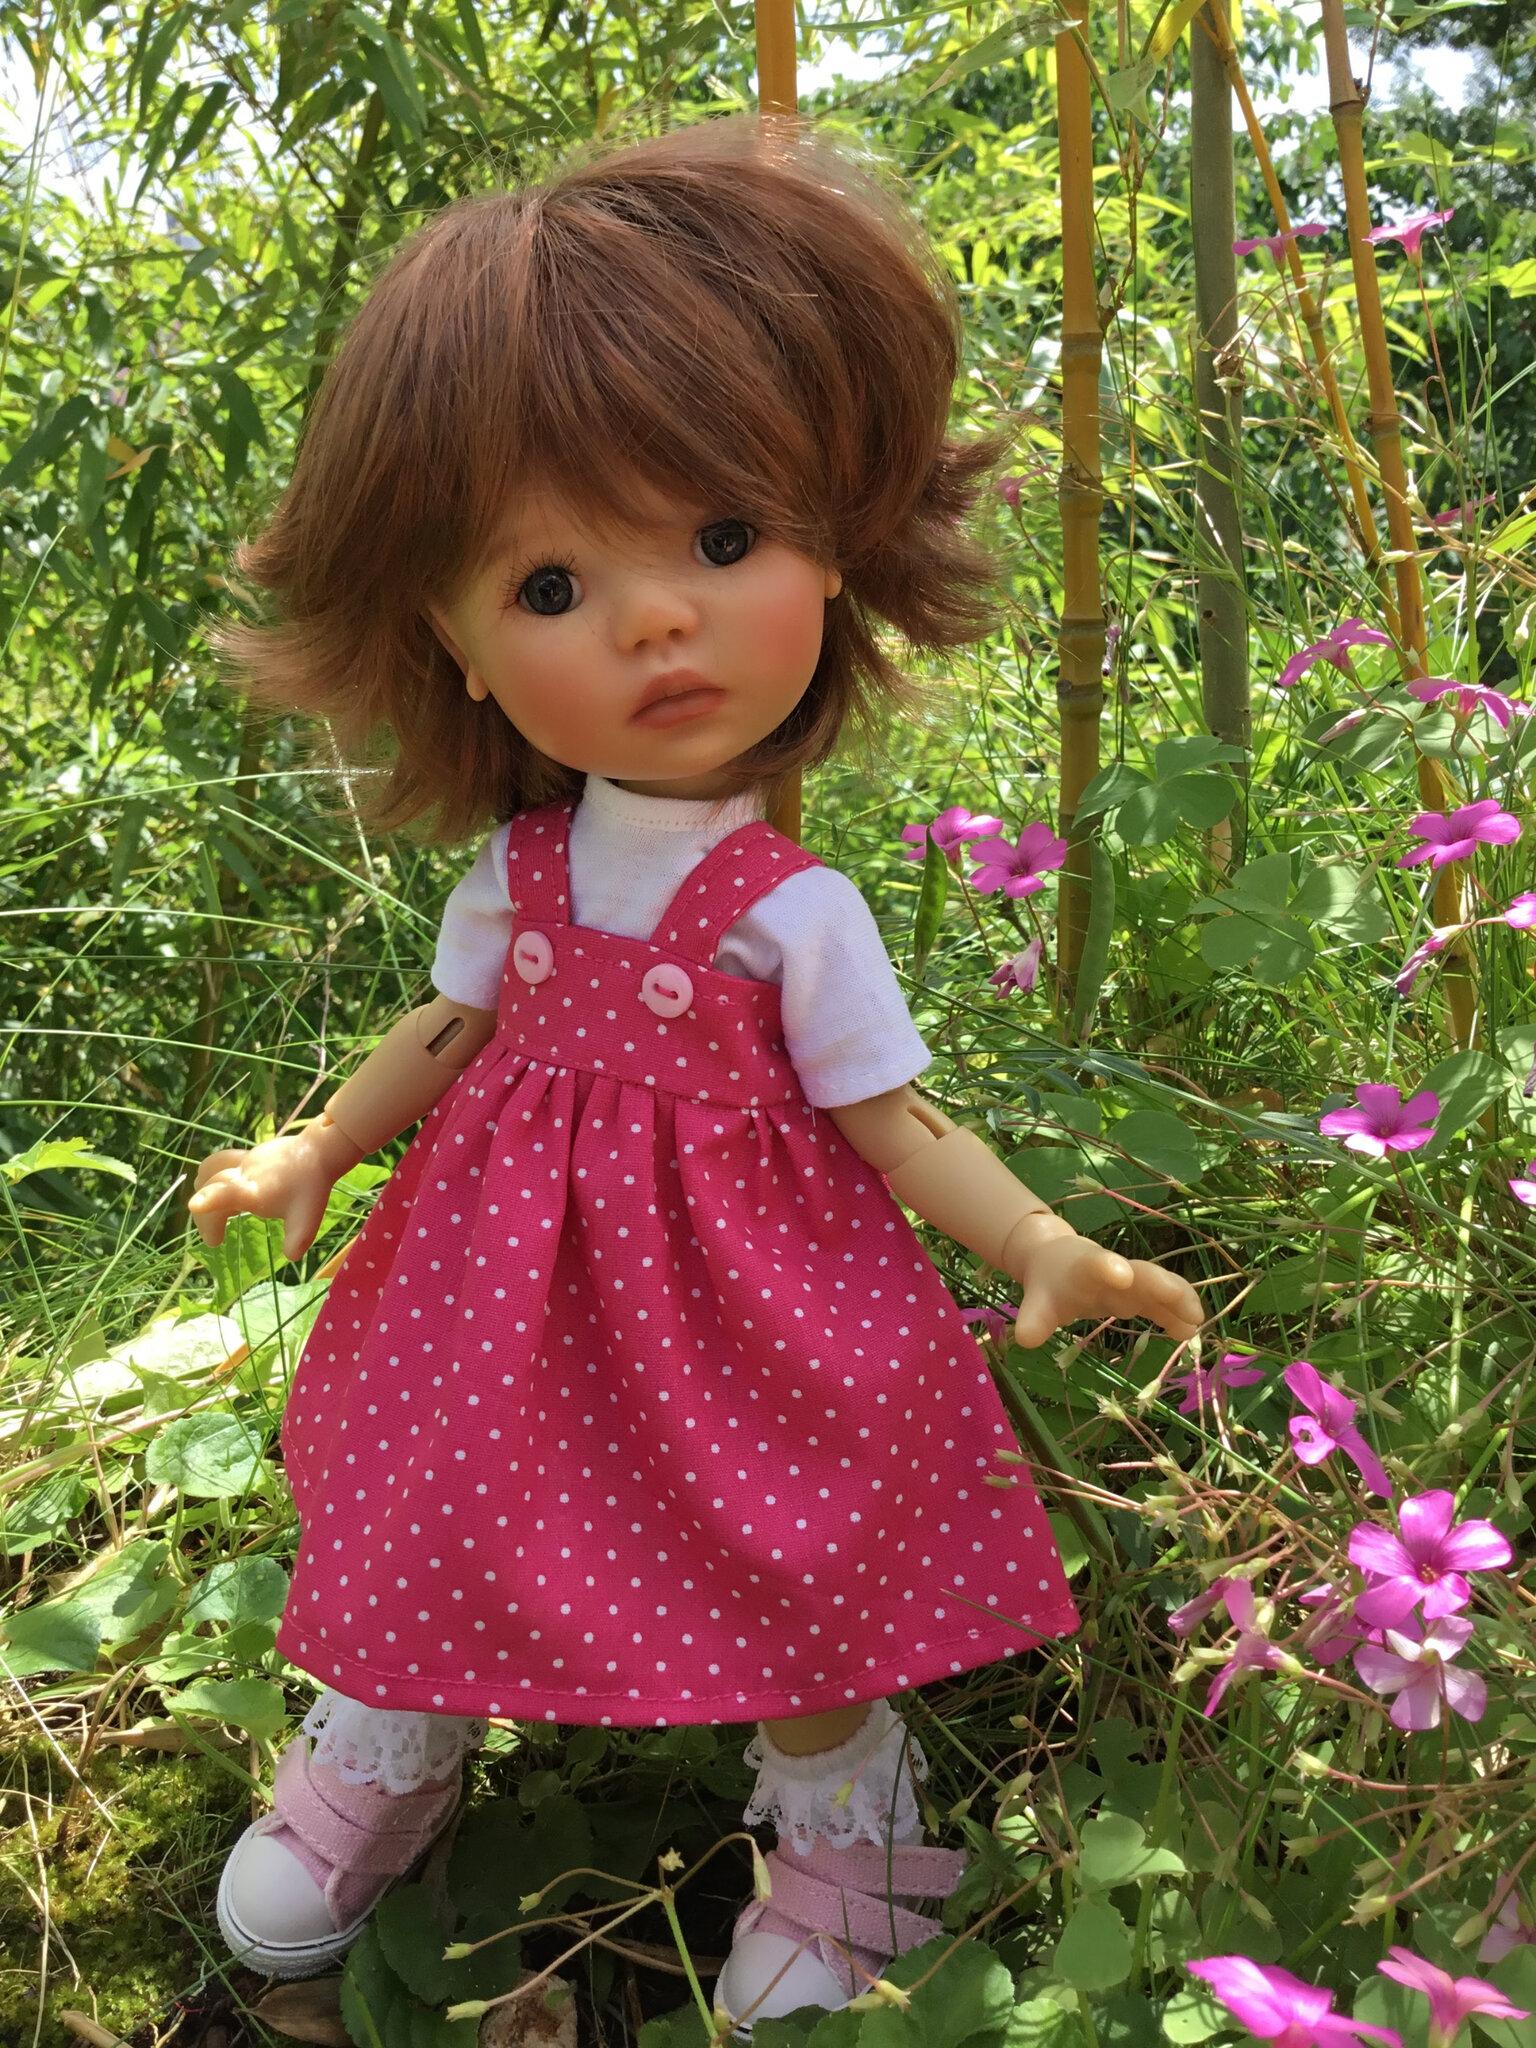 Ensemble t-shirt et robe d'été, rose vif, pour Meadow, disponible, 15 € et 2,70 ( Saffi)